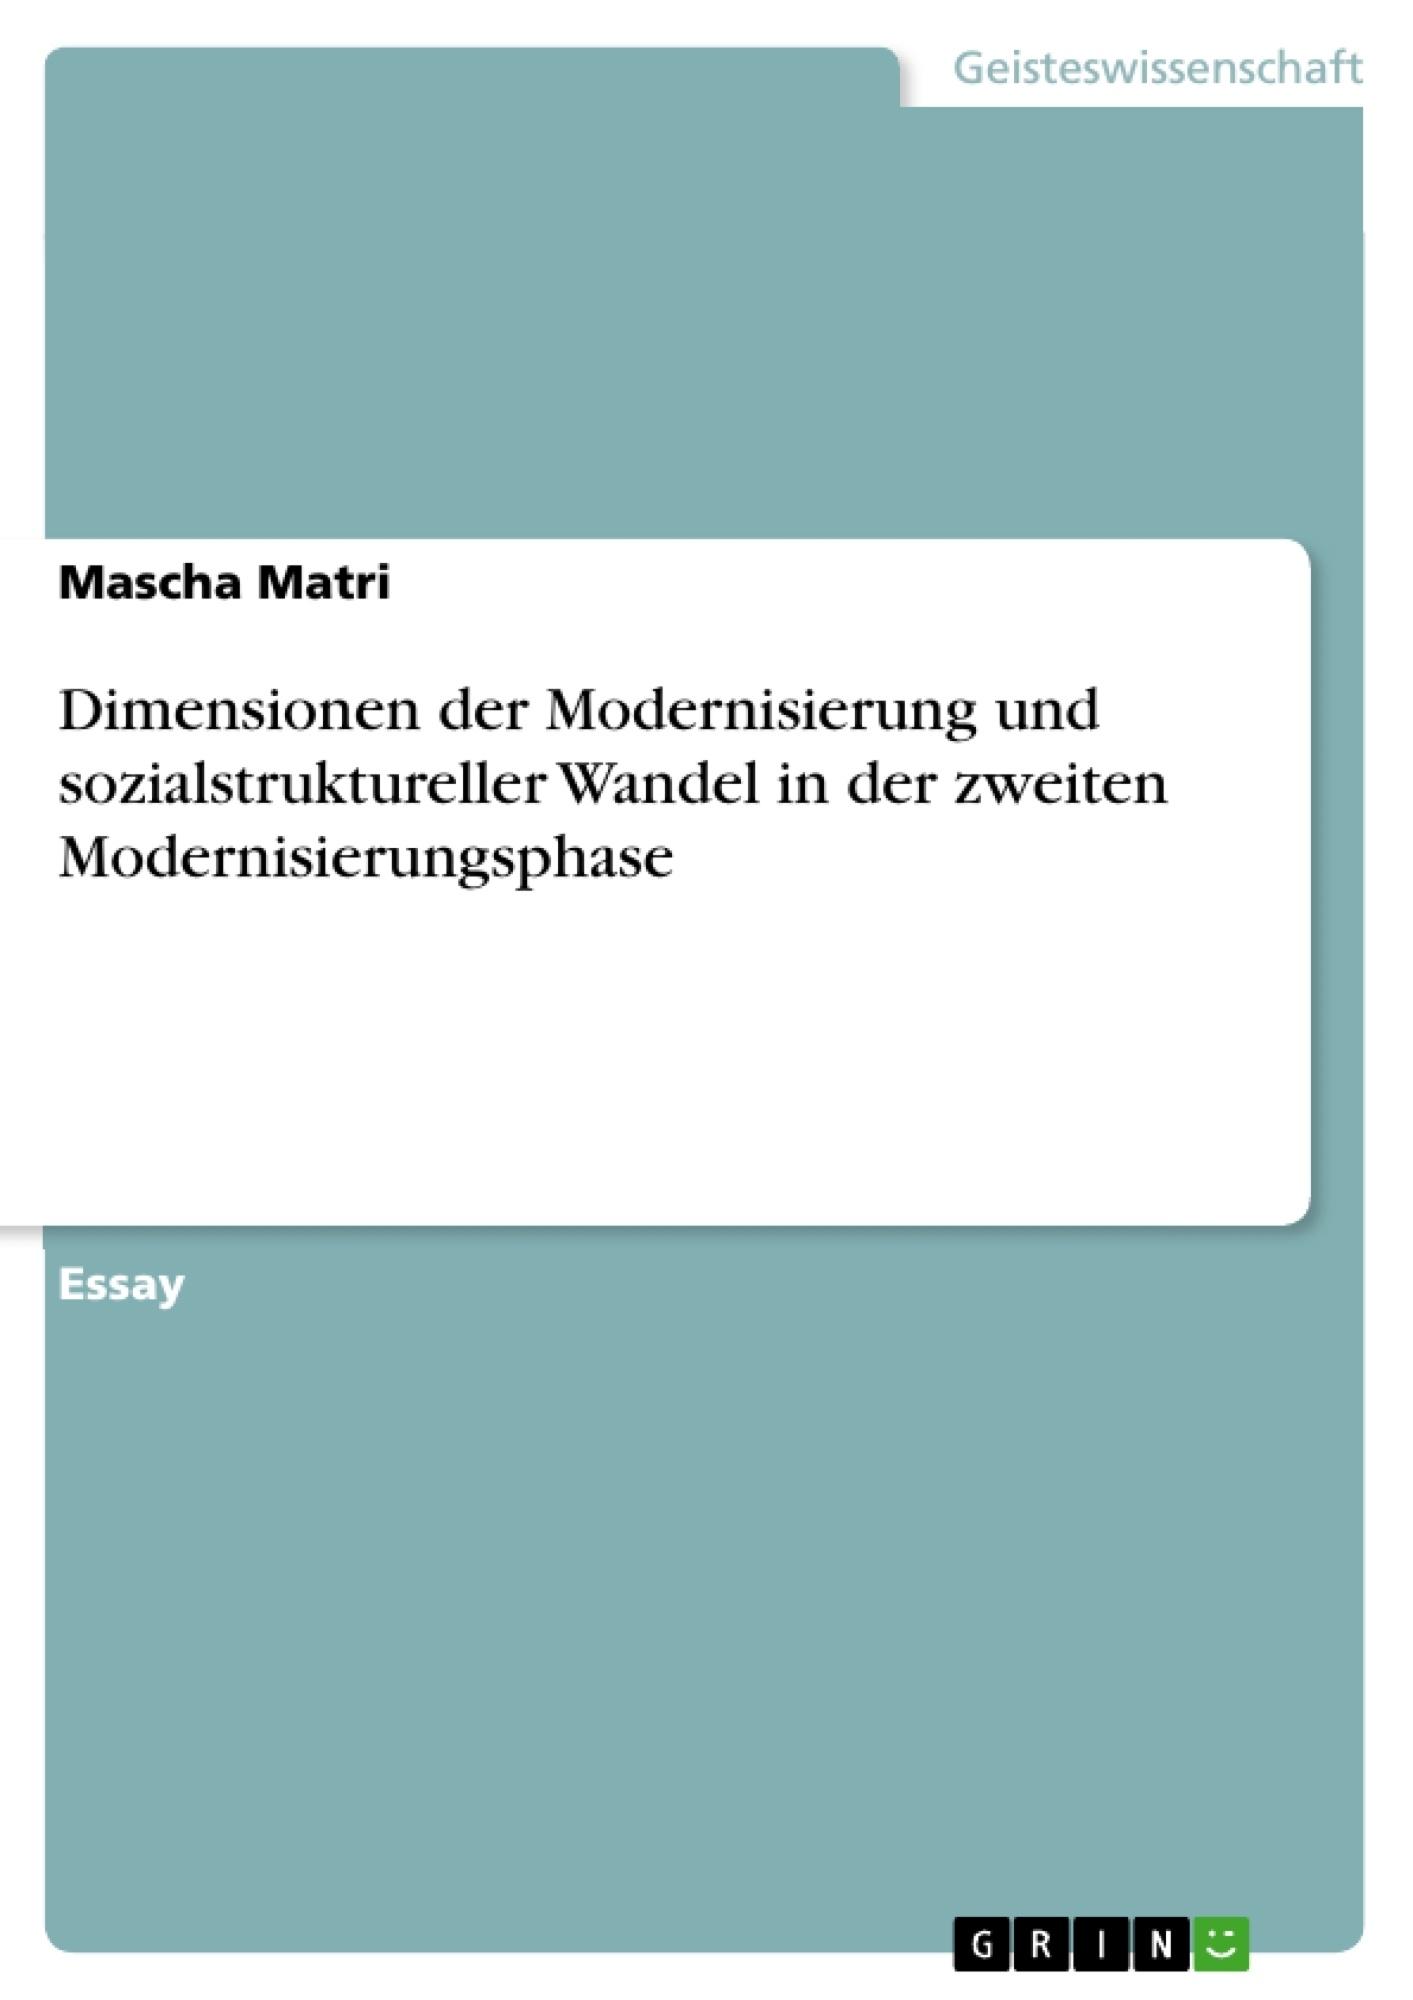 Titel: Dimensionen der Modernisierung und sozialstruktureller Wandel in der zweiten Modernisierungsphase